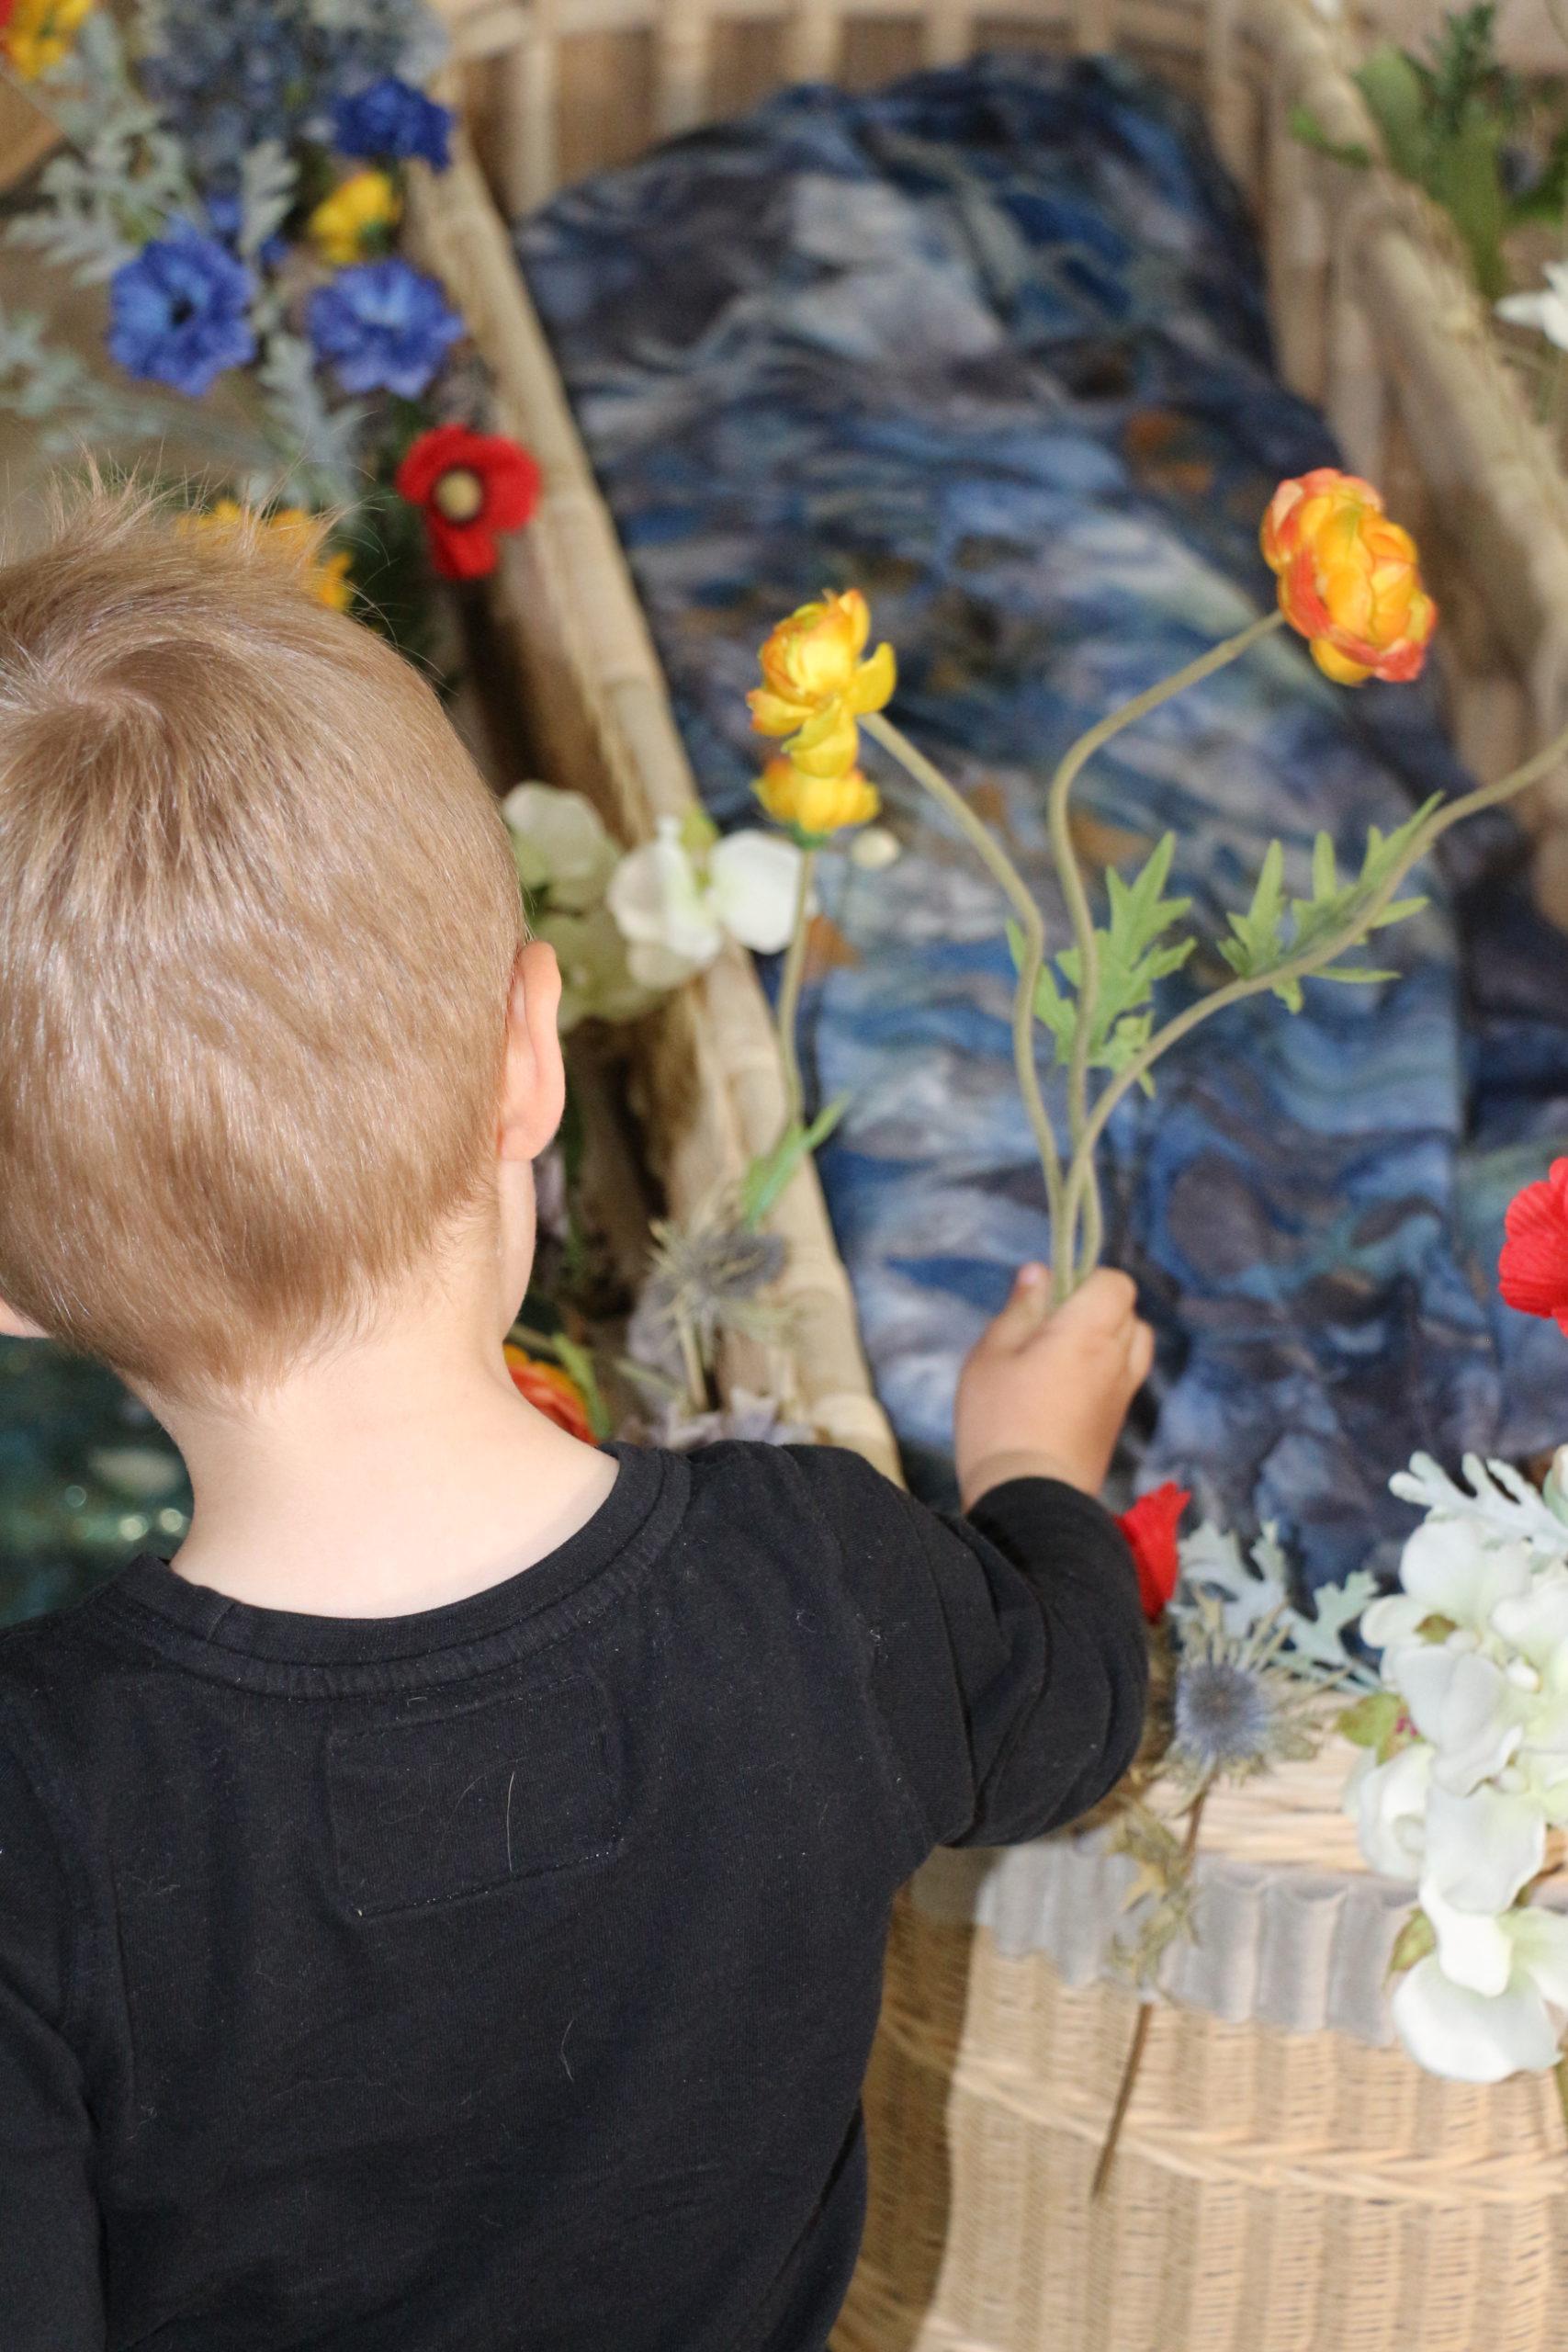 Kind bloemen insteken5 scaled